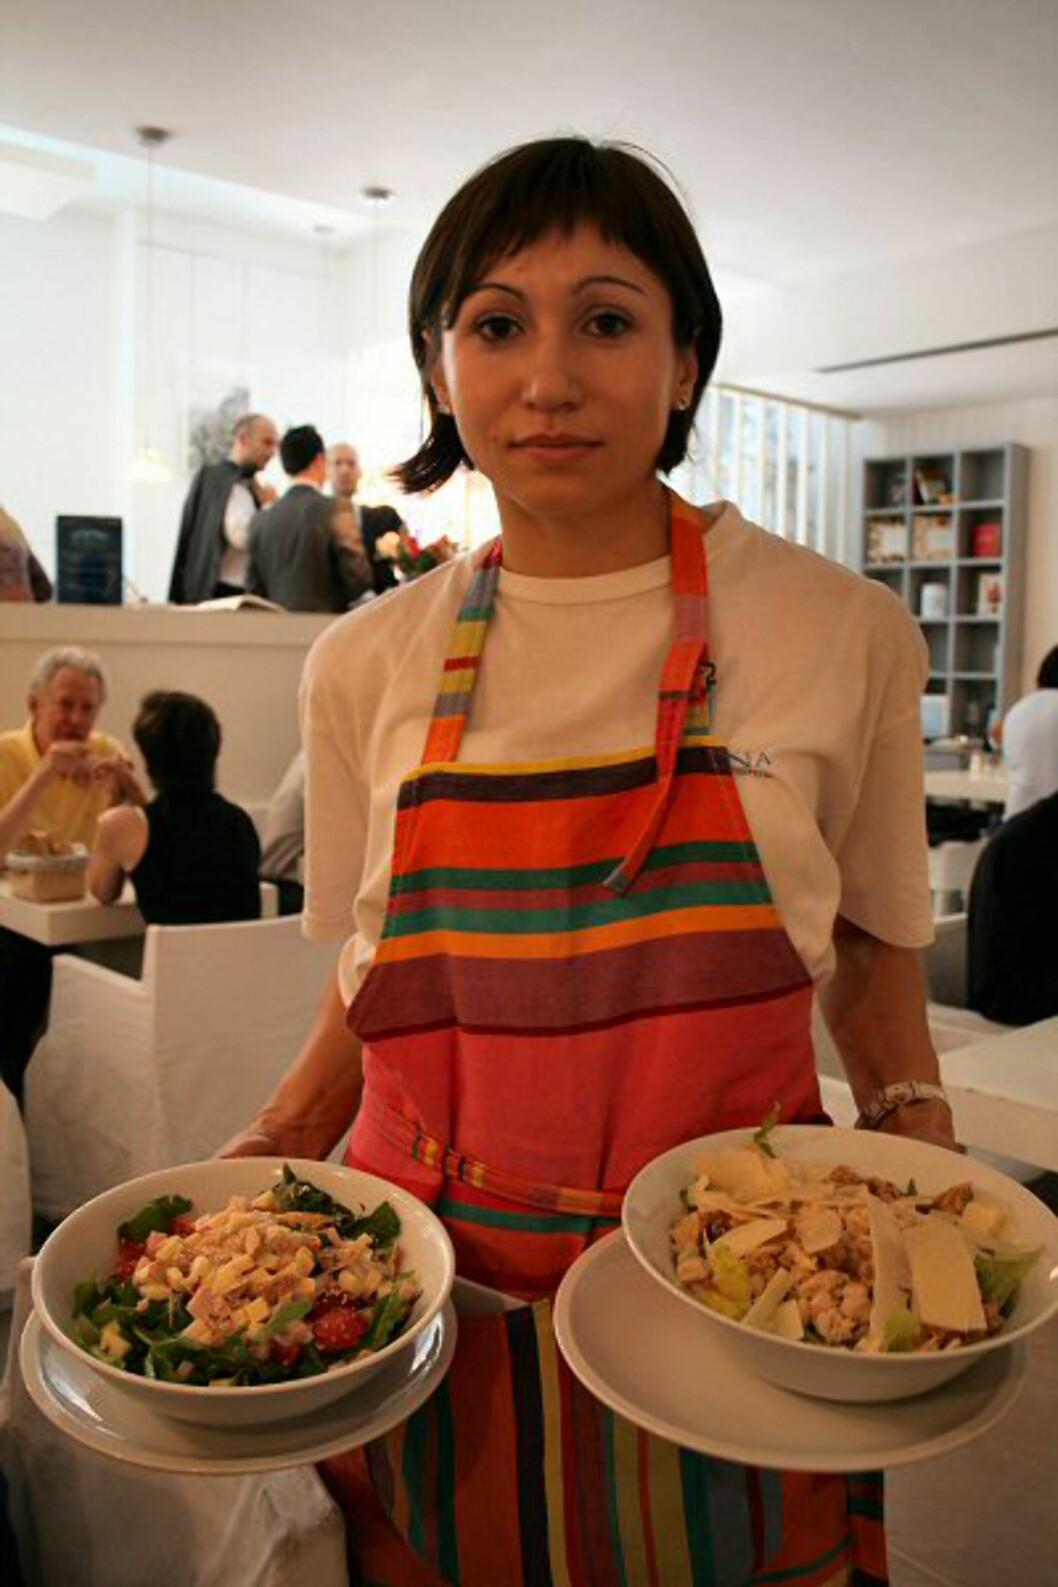 Er du sulten og trenger et pusterom fra det travle bylivet, er Gina Eat and Drink i via San Sebastianello et ypperlig alternativ. Lyse farger og en romantisk stil minner mest om et sommerhus ved sjøen. Og maten står i stil med interiøret – lett og frisk. Foto: Elin Fugelsnes